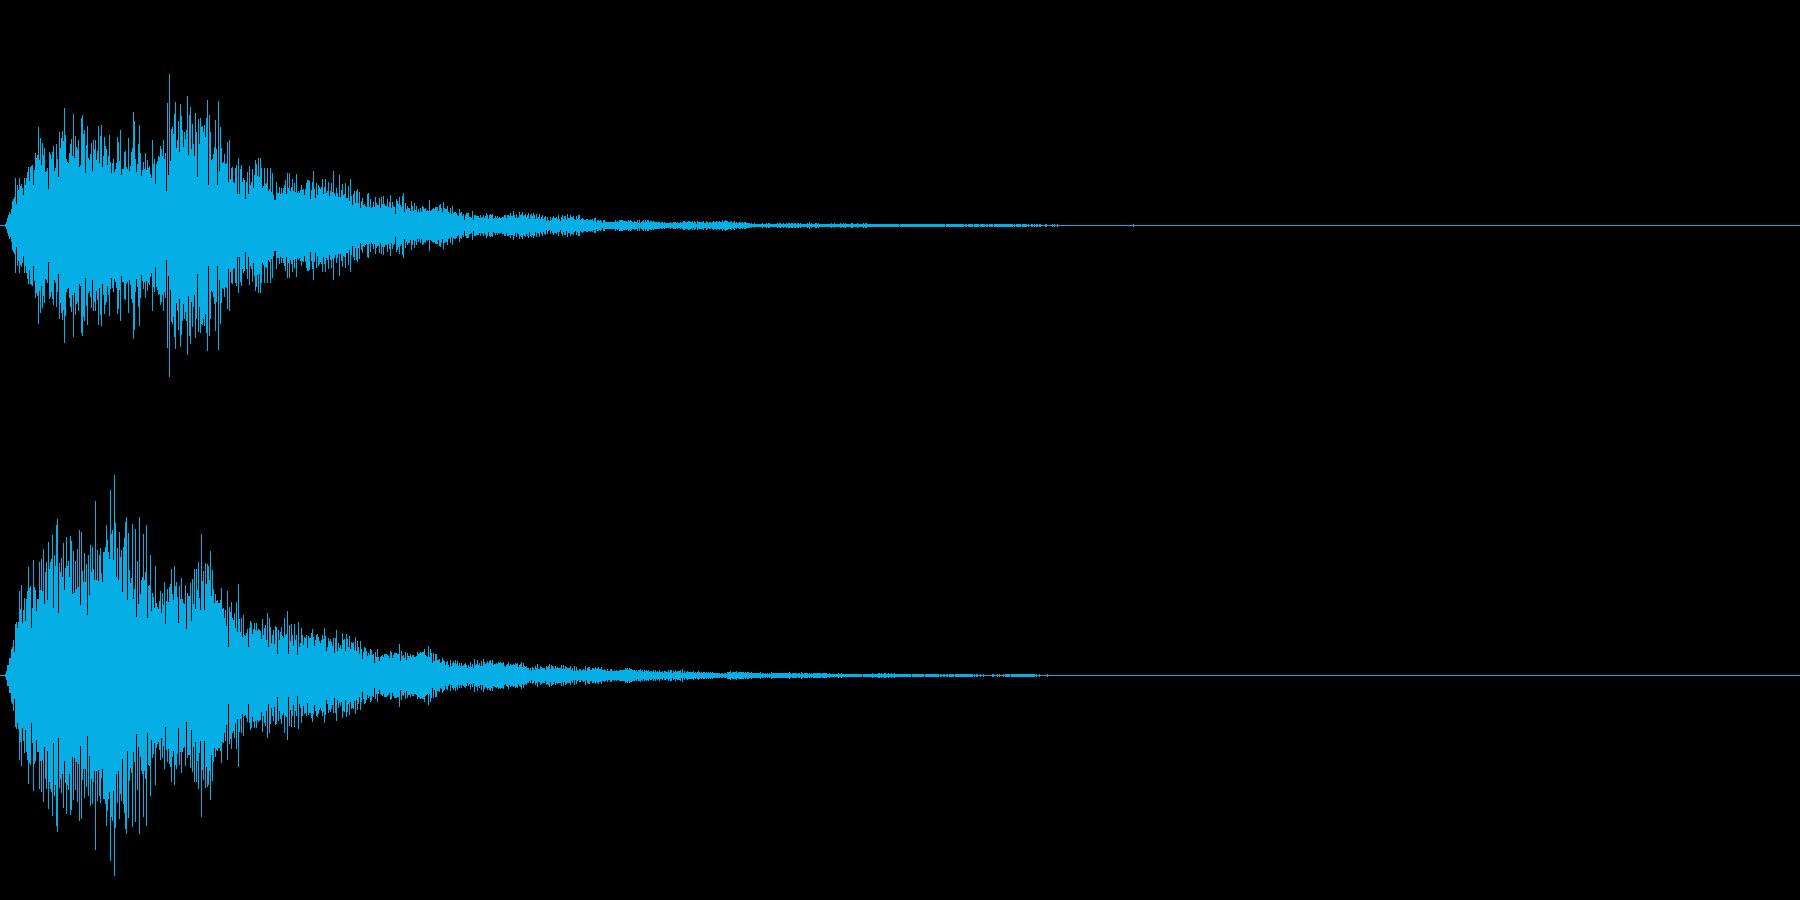 ゲームスタート、決定、ボタン音-146の再生済みの波形